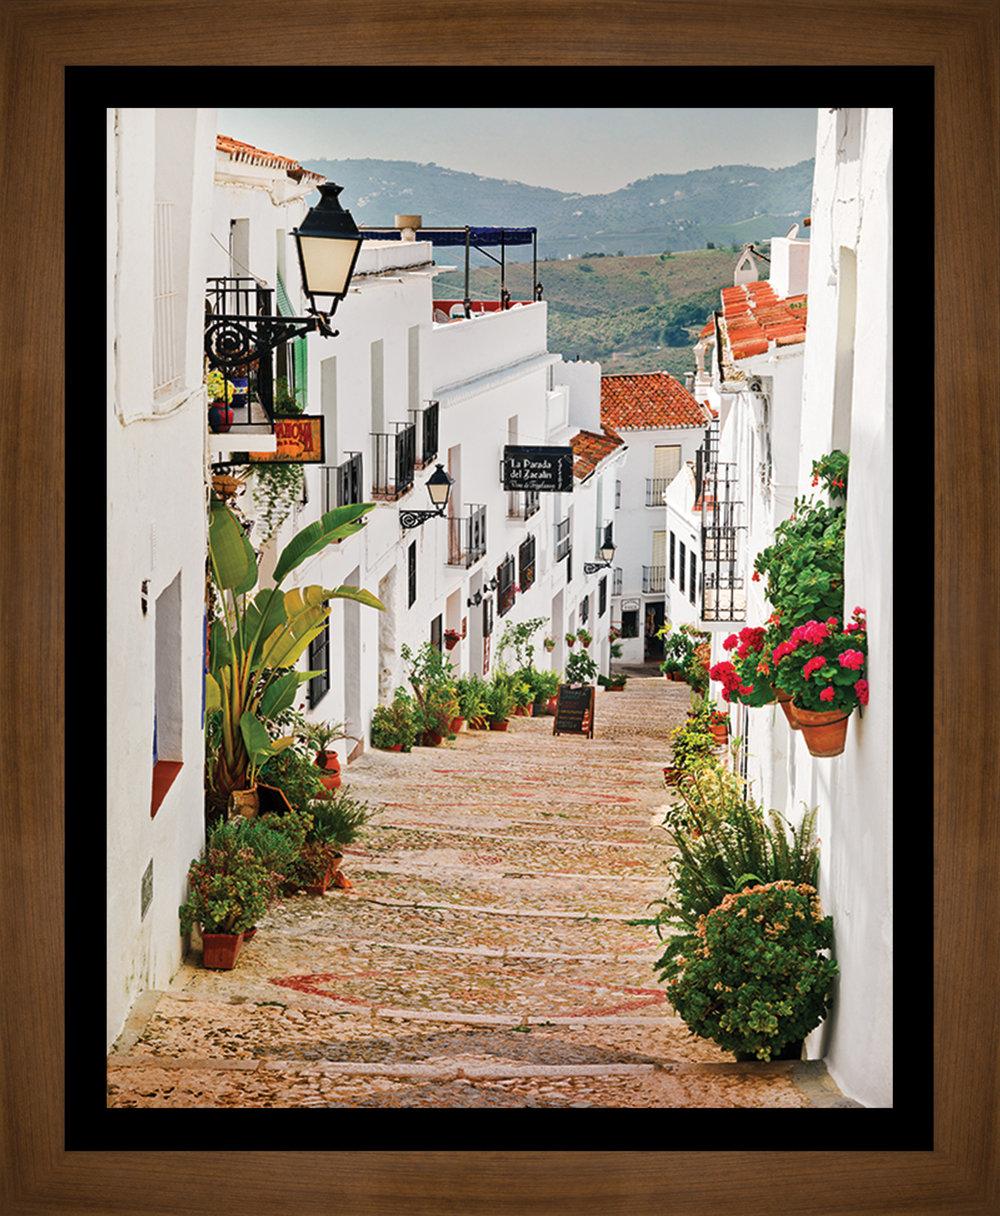 Calle-de-Blanco-II-F.jpg